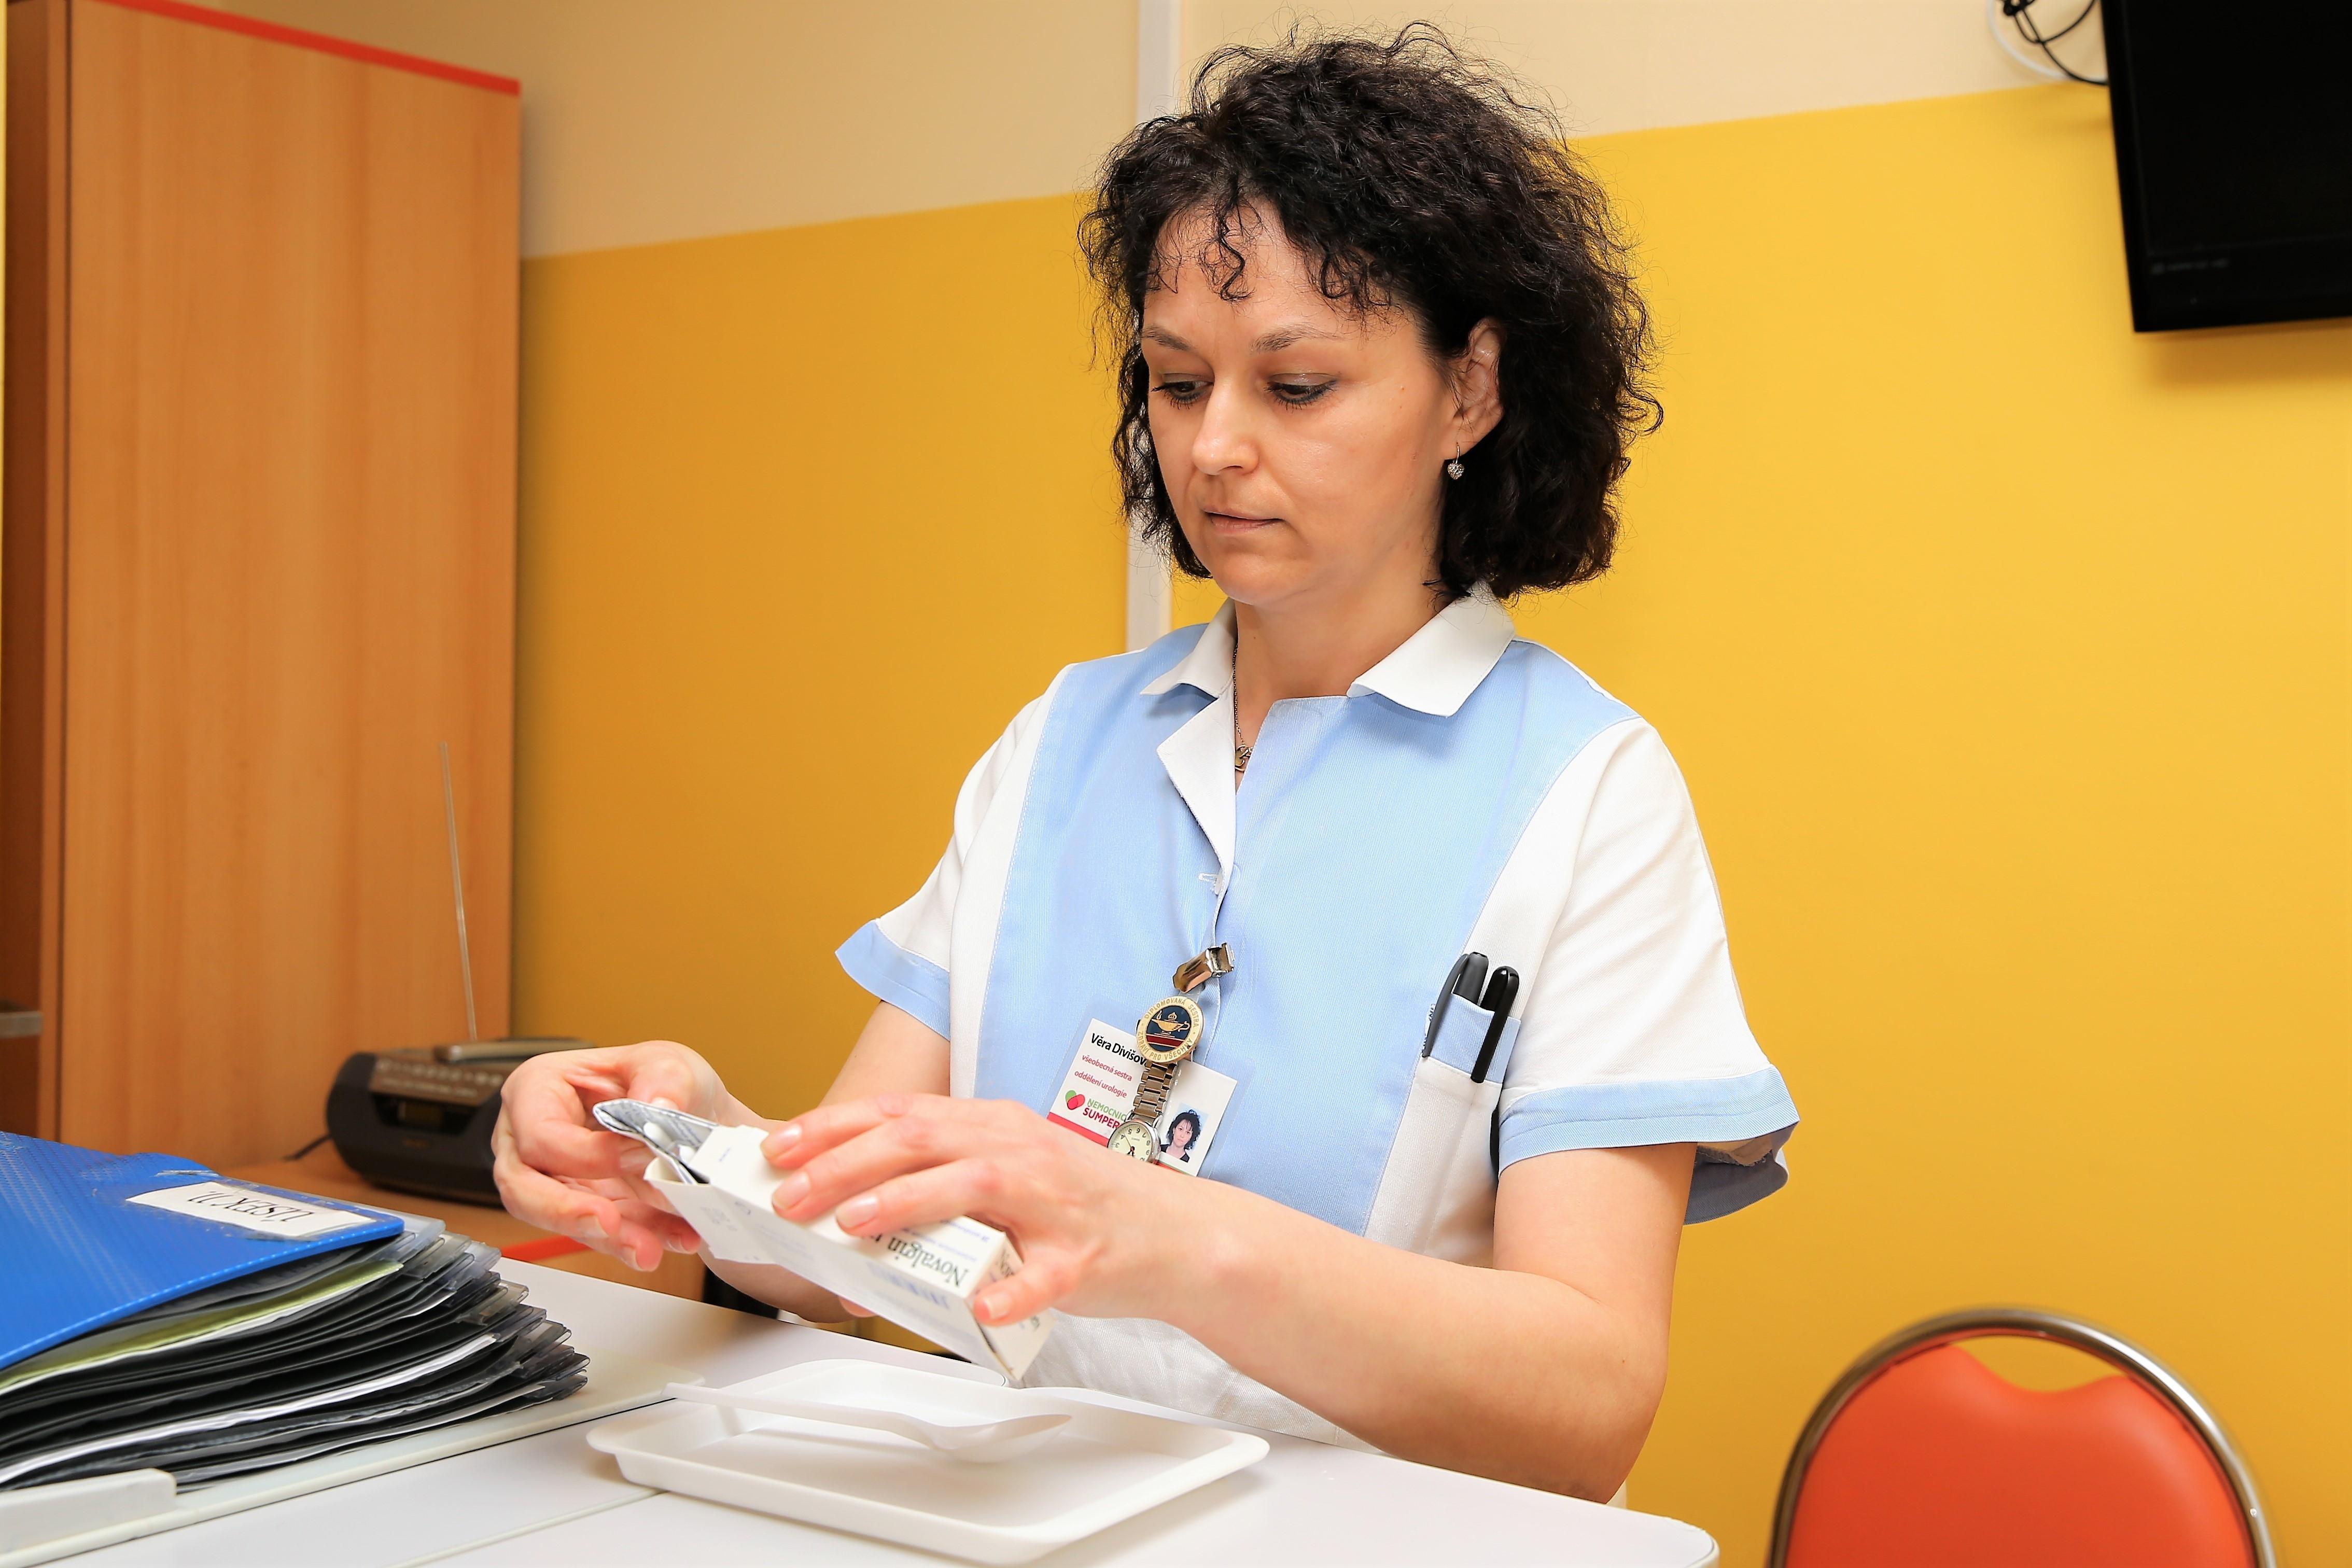 Akreditační komise se při kontrole zaměřila například na správné vedení zdravotnické dokumentace nebo manipulaci s léčivy. Autor: M. Jeřábek, archiv NŠ